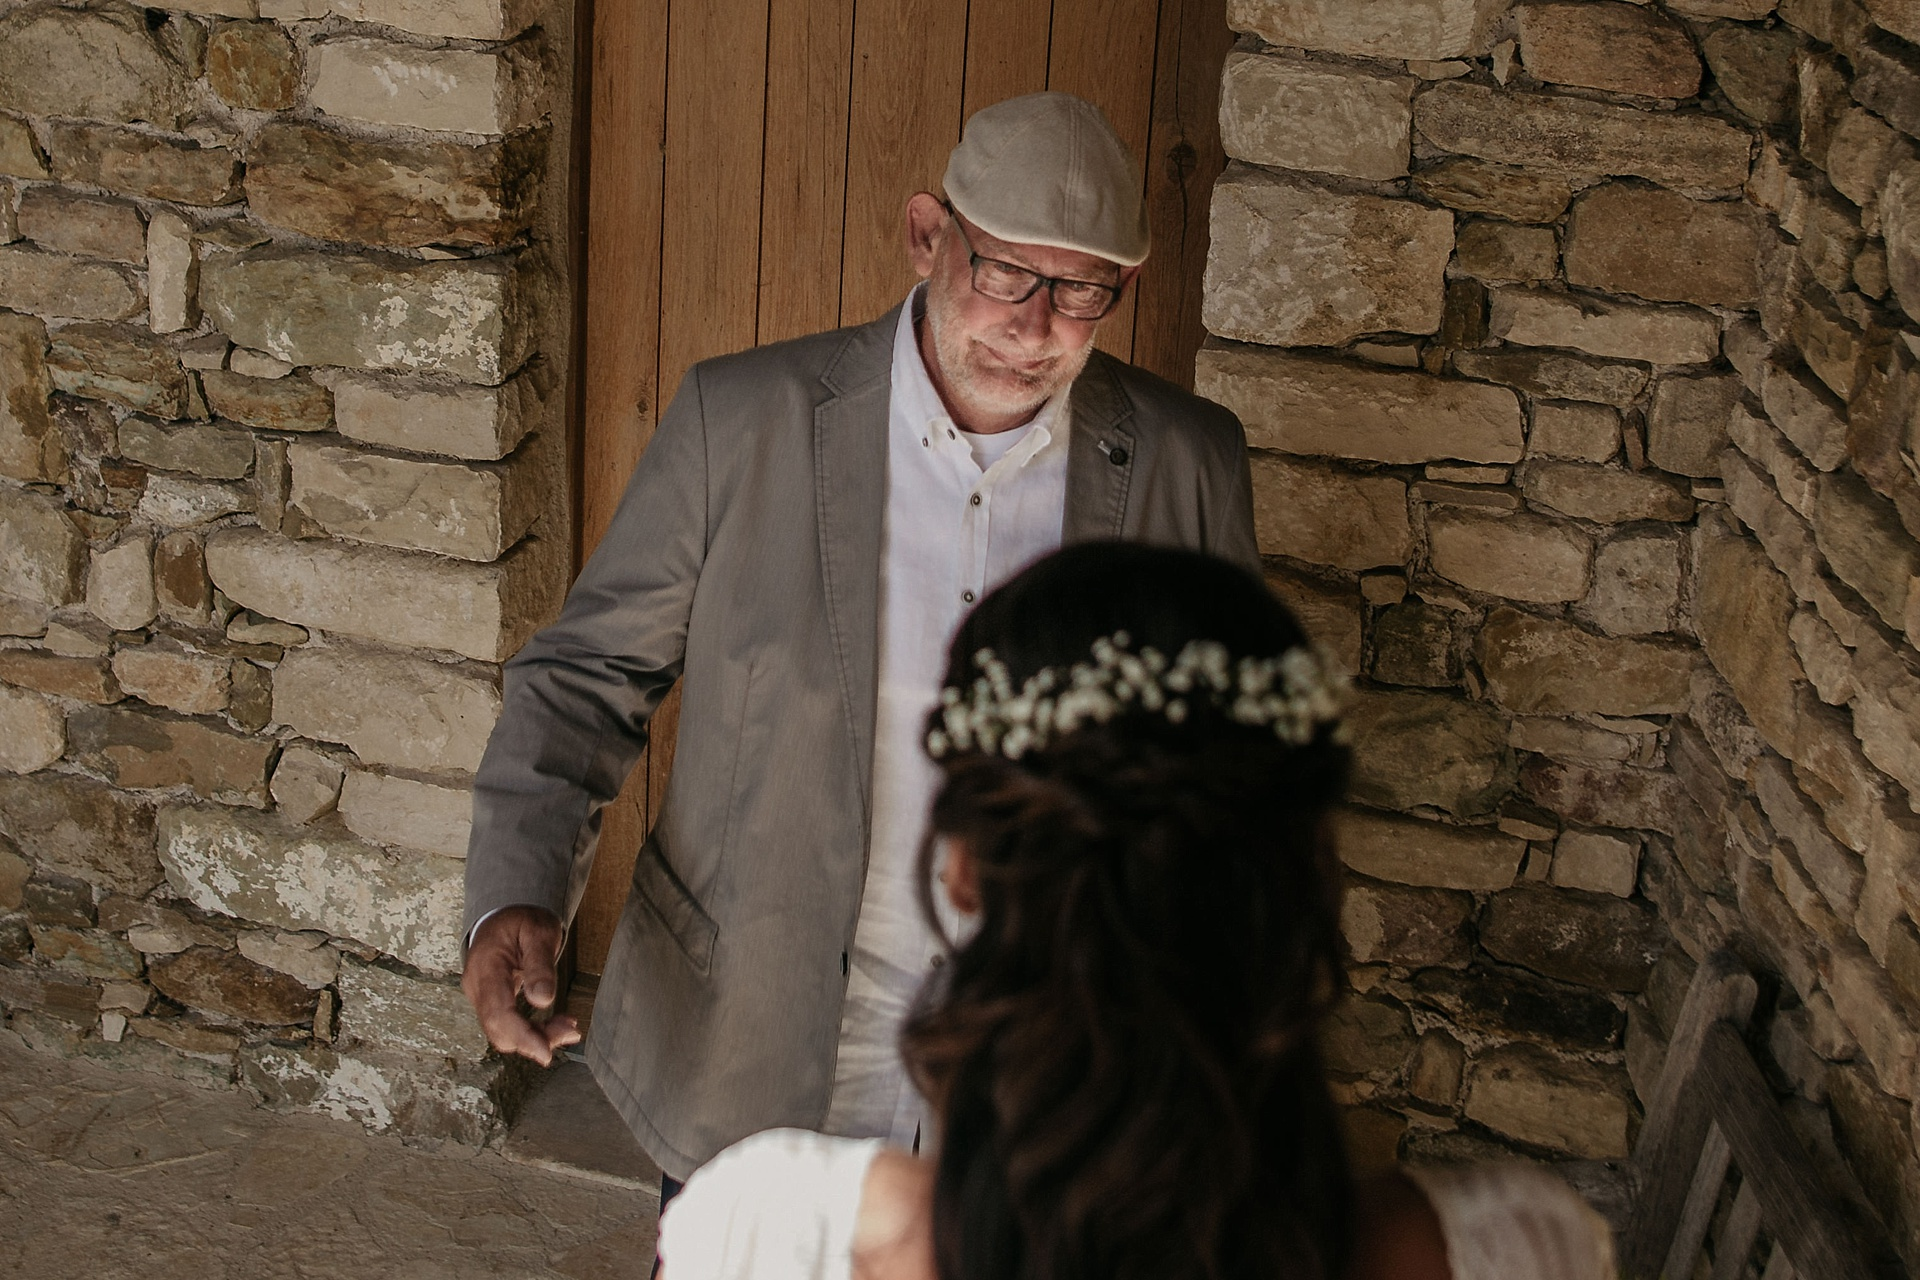 Traumhafte Hochzeit in der Provence. Zutiefst gerührt. Der Brautvater.